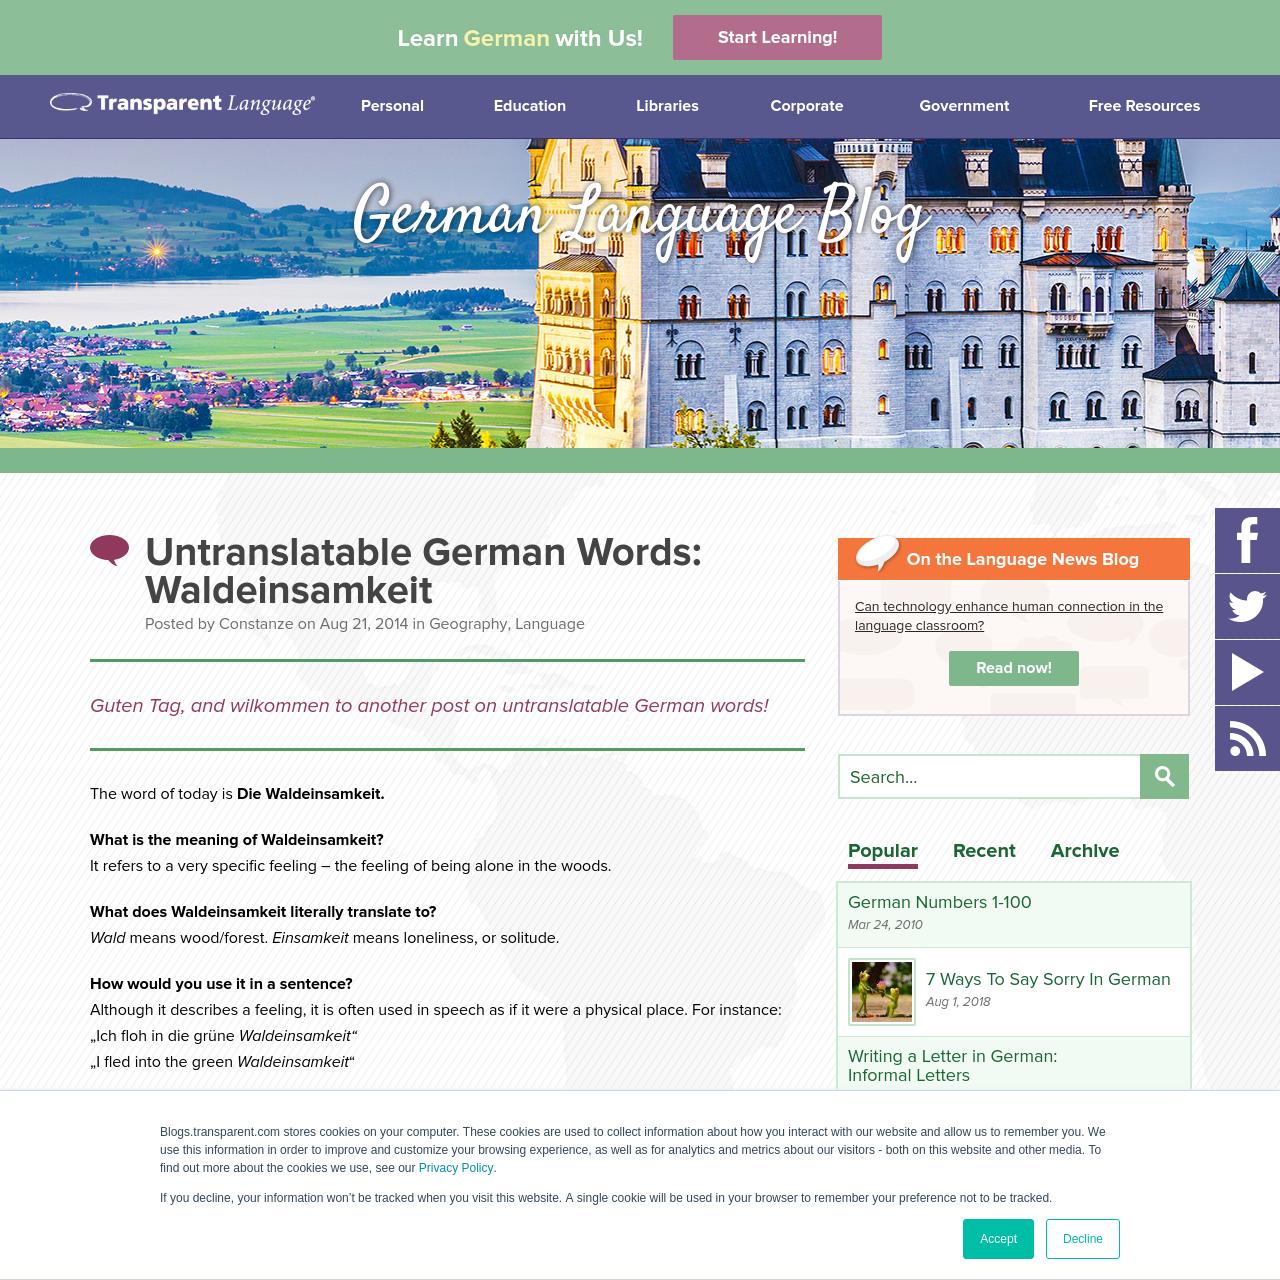 Are na / Untranslatable German Words: Waldeinsamkeit